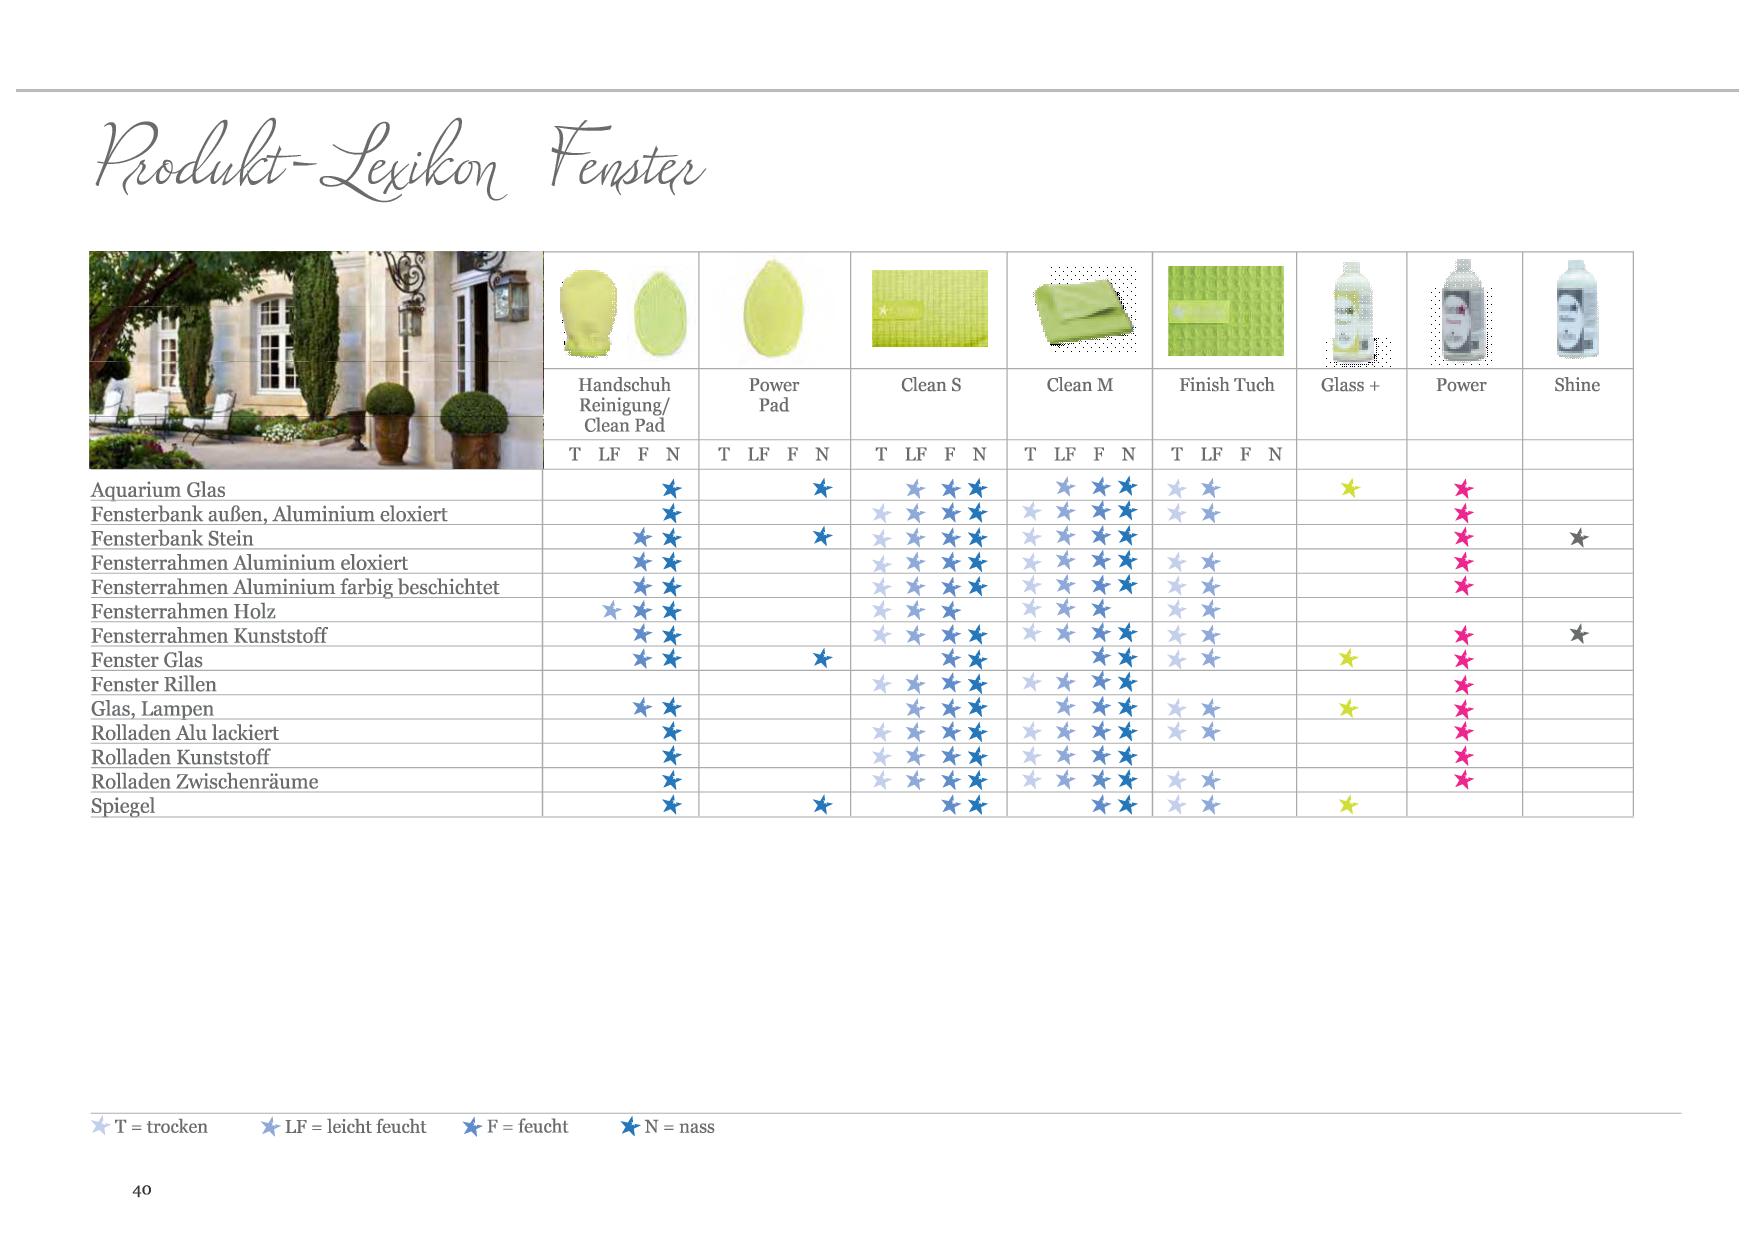 Cleafin Produktwelt Fenster - cleafin-onlineshop.com